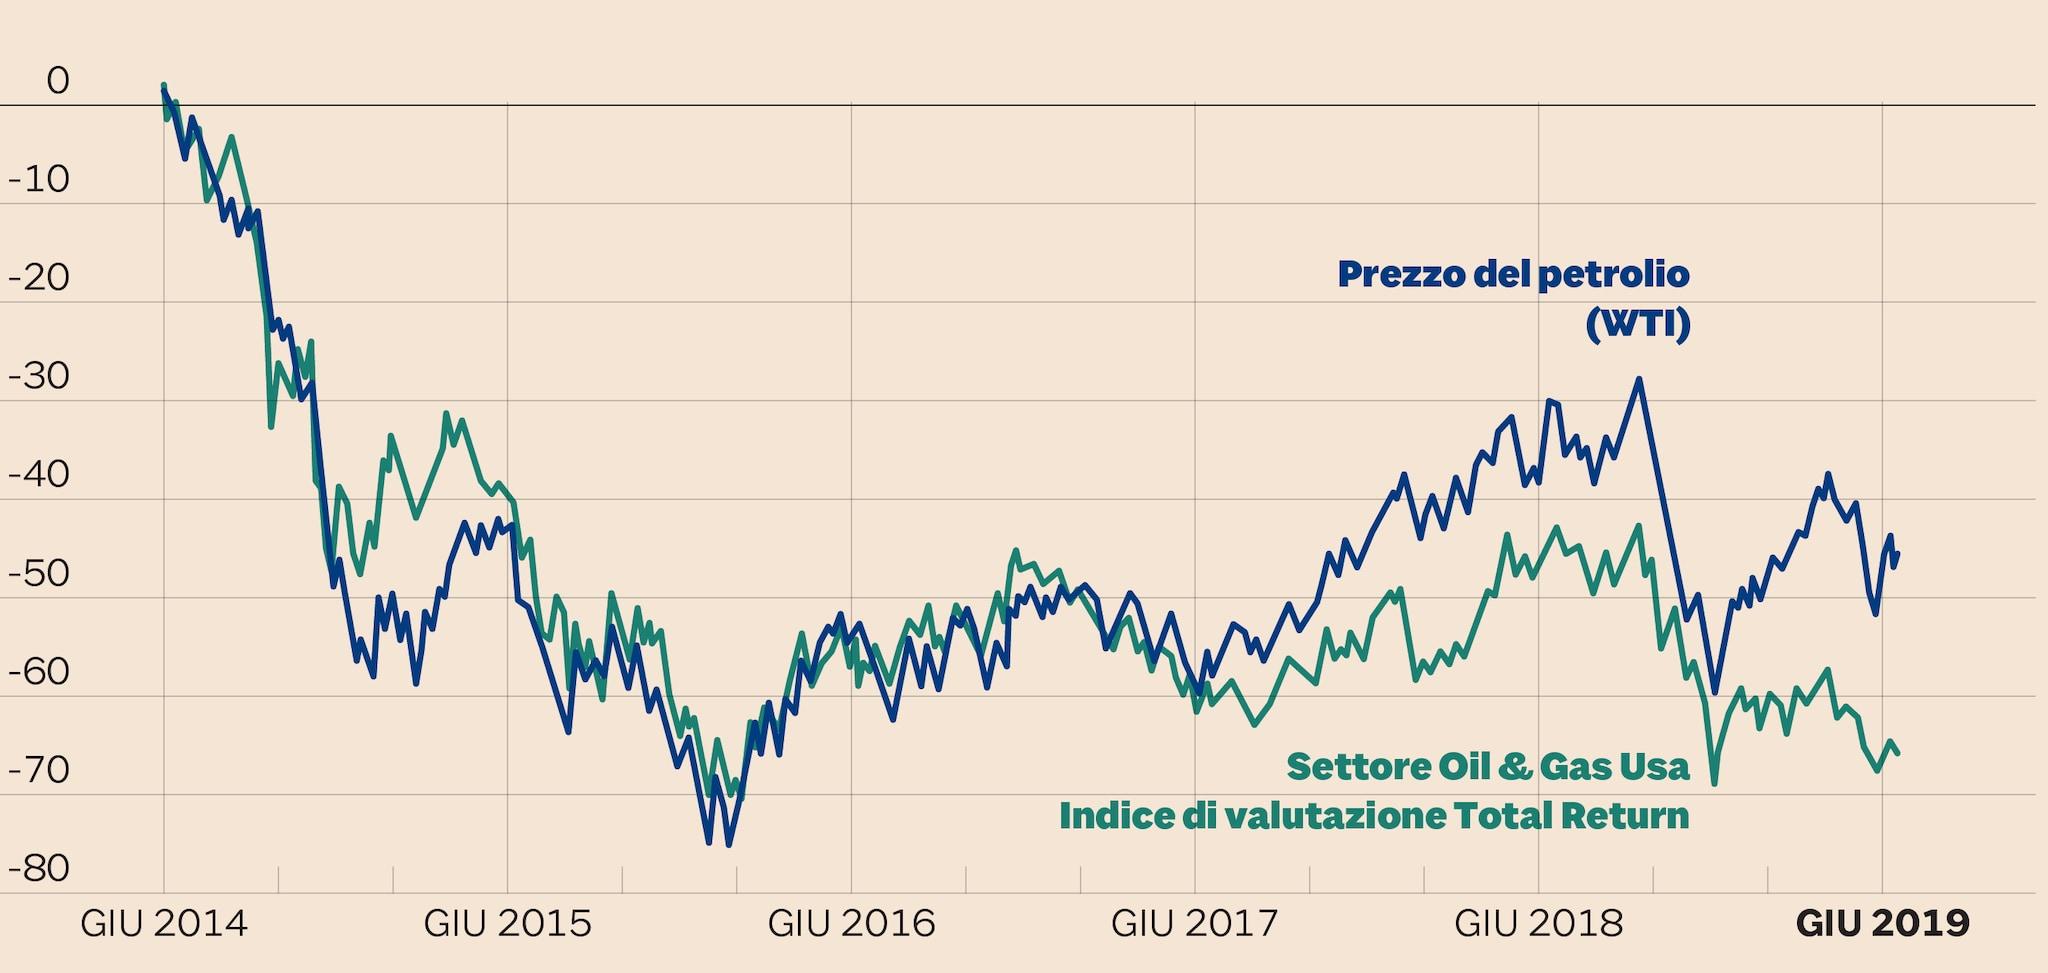 PERFORMANCE DEL SETTORE OIL & GAS USA E ANDAMENTO DEL PREZZO DEL PETROLIO (WTI)